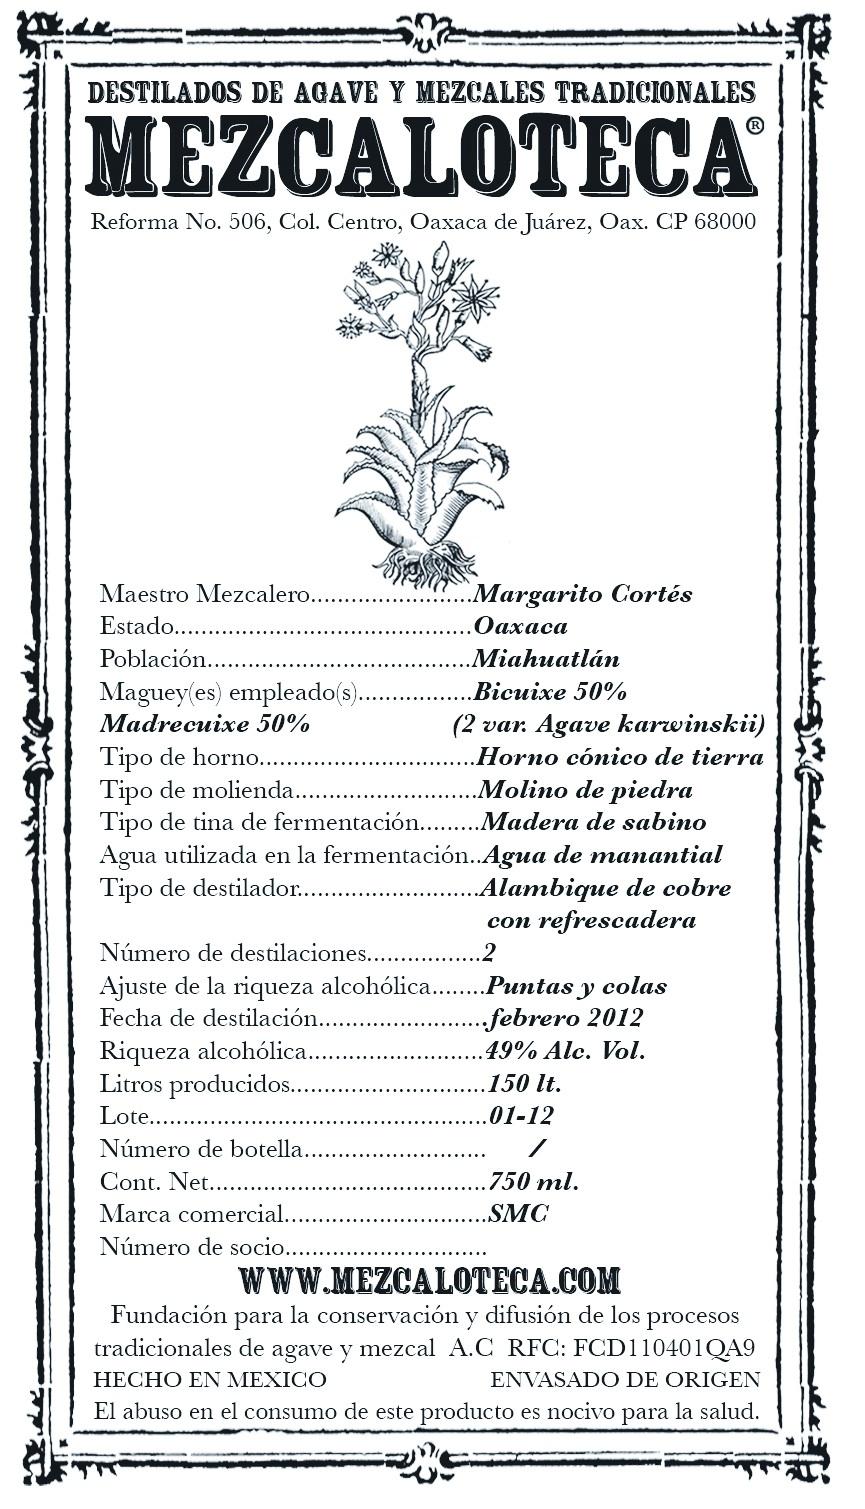 Madrecuixe_Bicuixe.18_1 web.jpg